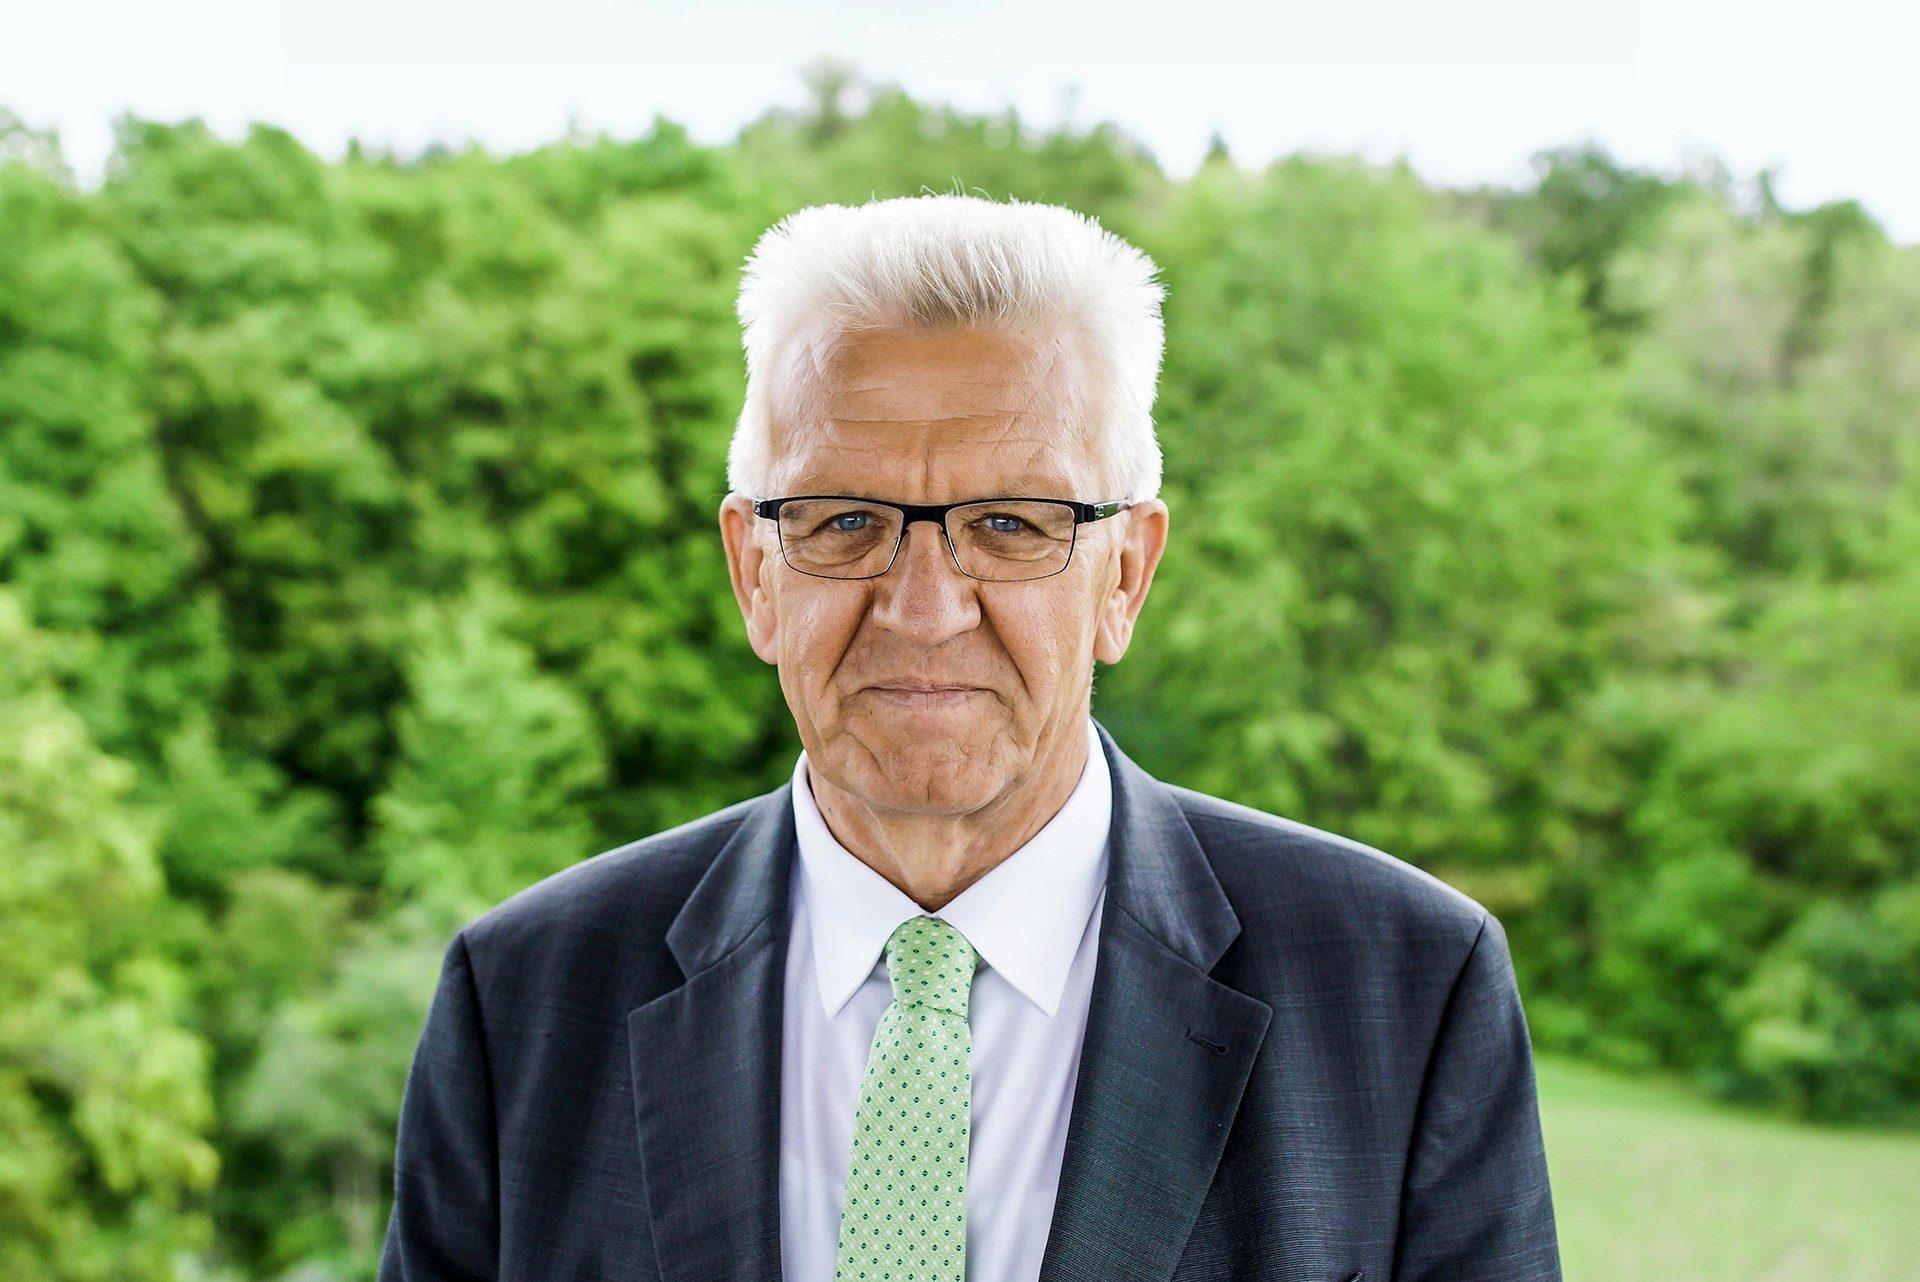 Landtagswahl bw 2016 pforzheim